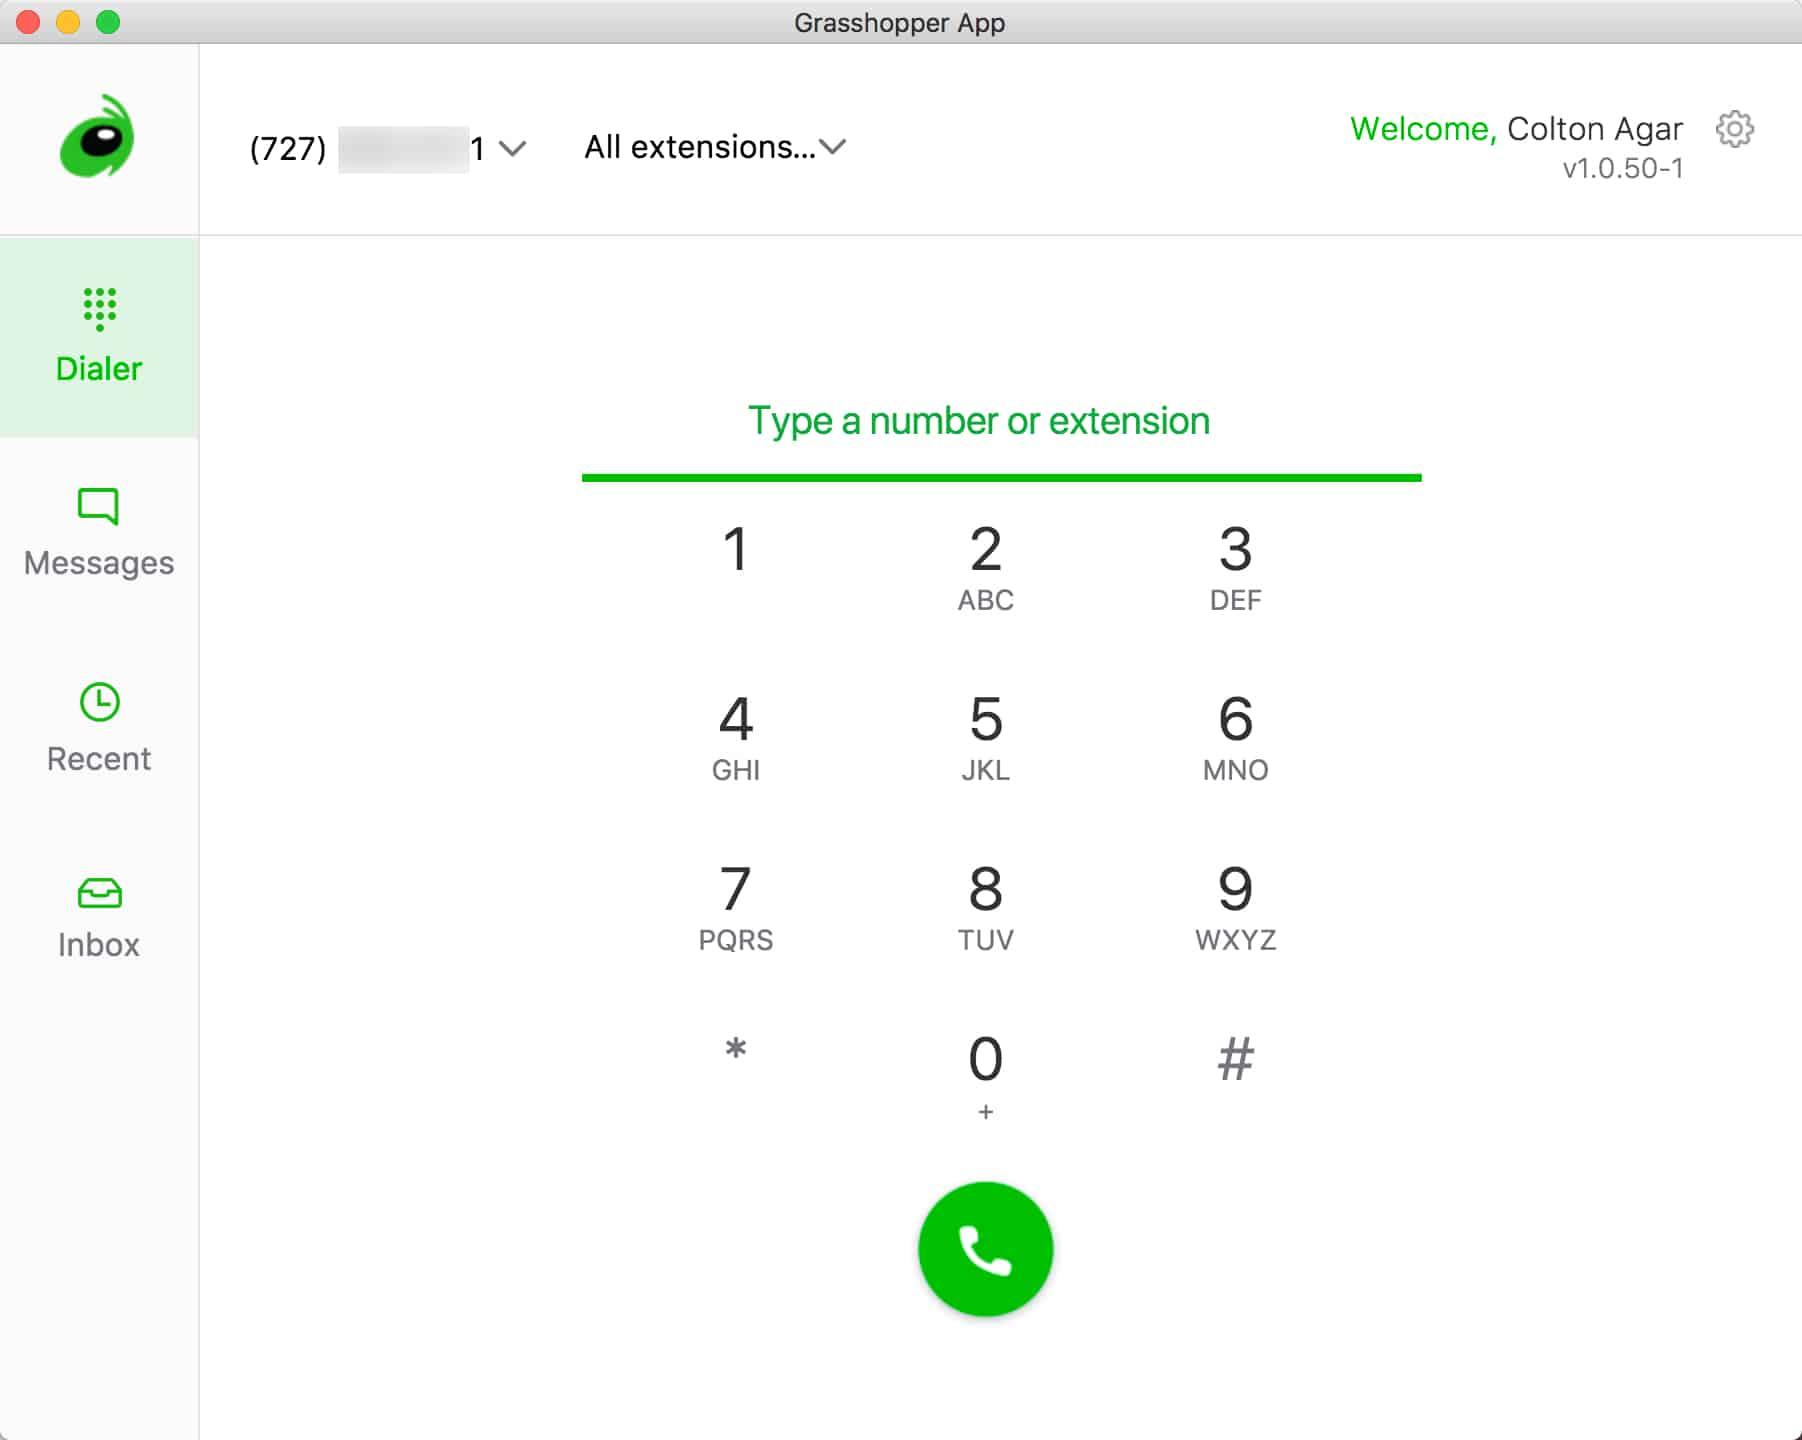 A screenshot of the Grasshopper desktop app running on MacOS.